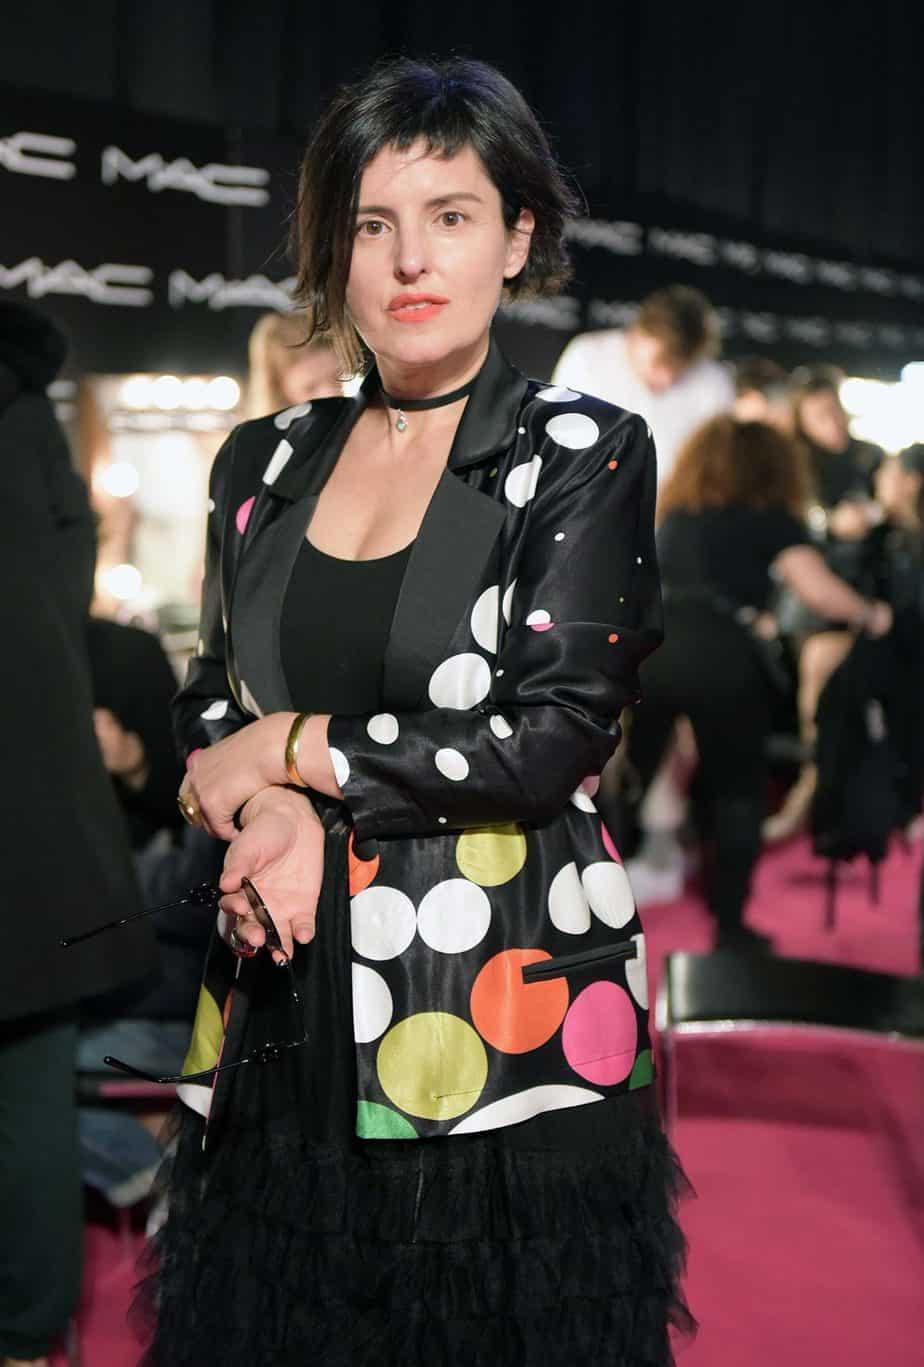 לארה רוסנובסקי, שבוע האופנה תל אביב 2019, צילום סרג'ו סטרודובצב - 2